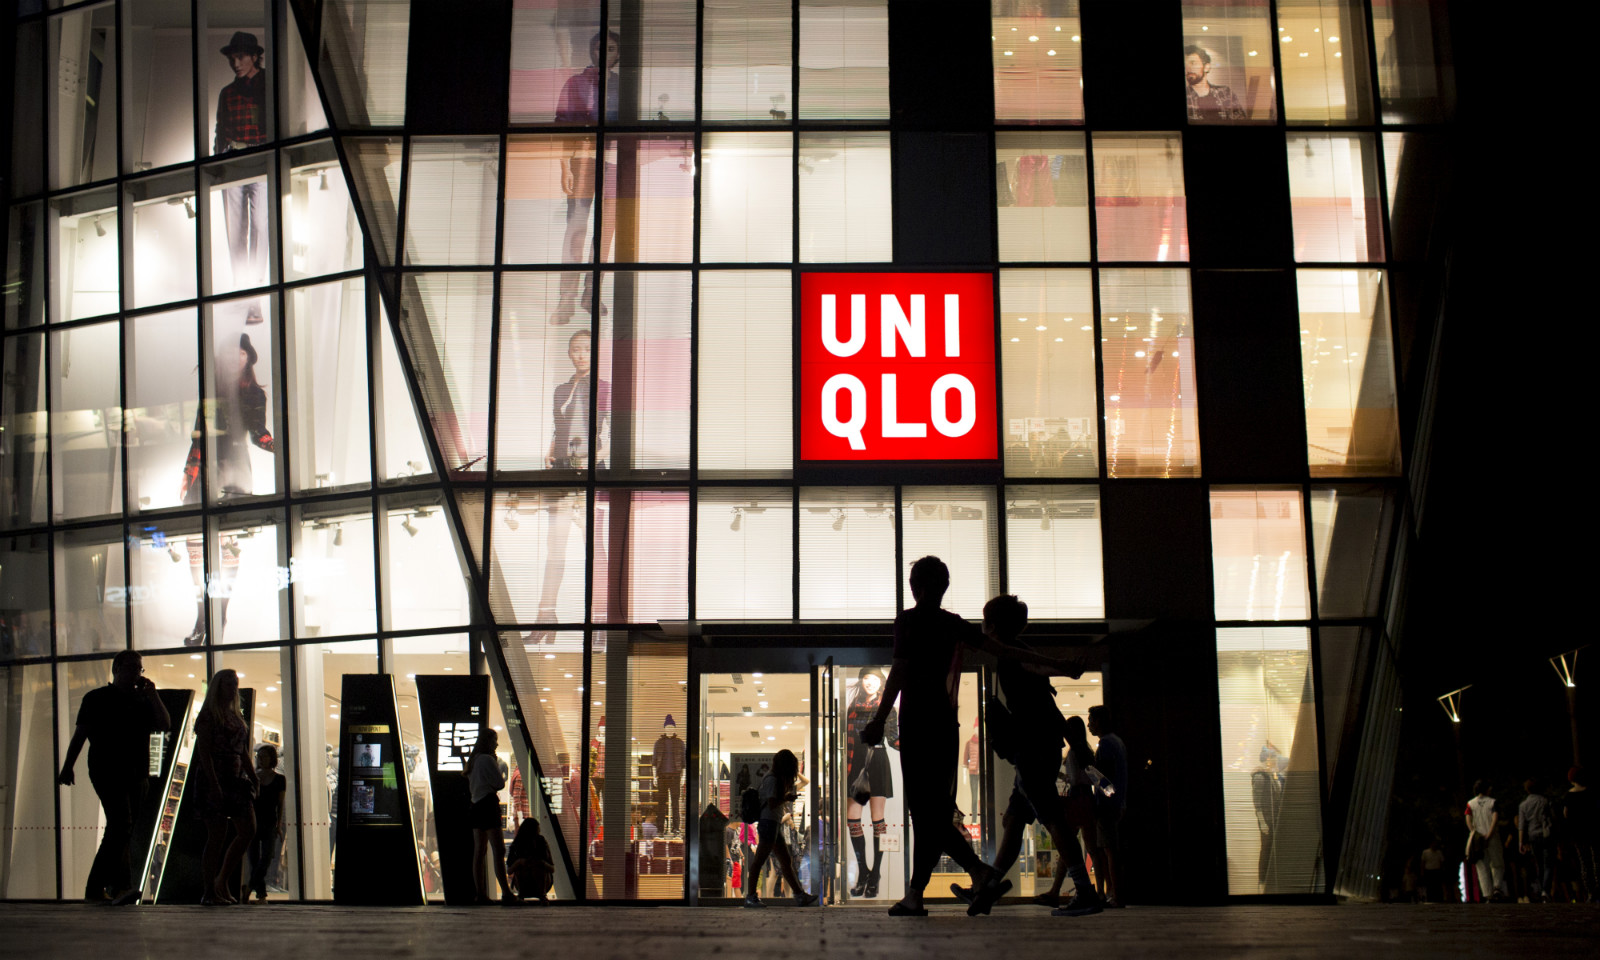 UNIQLO 将于今年在中国开设 100 家门店